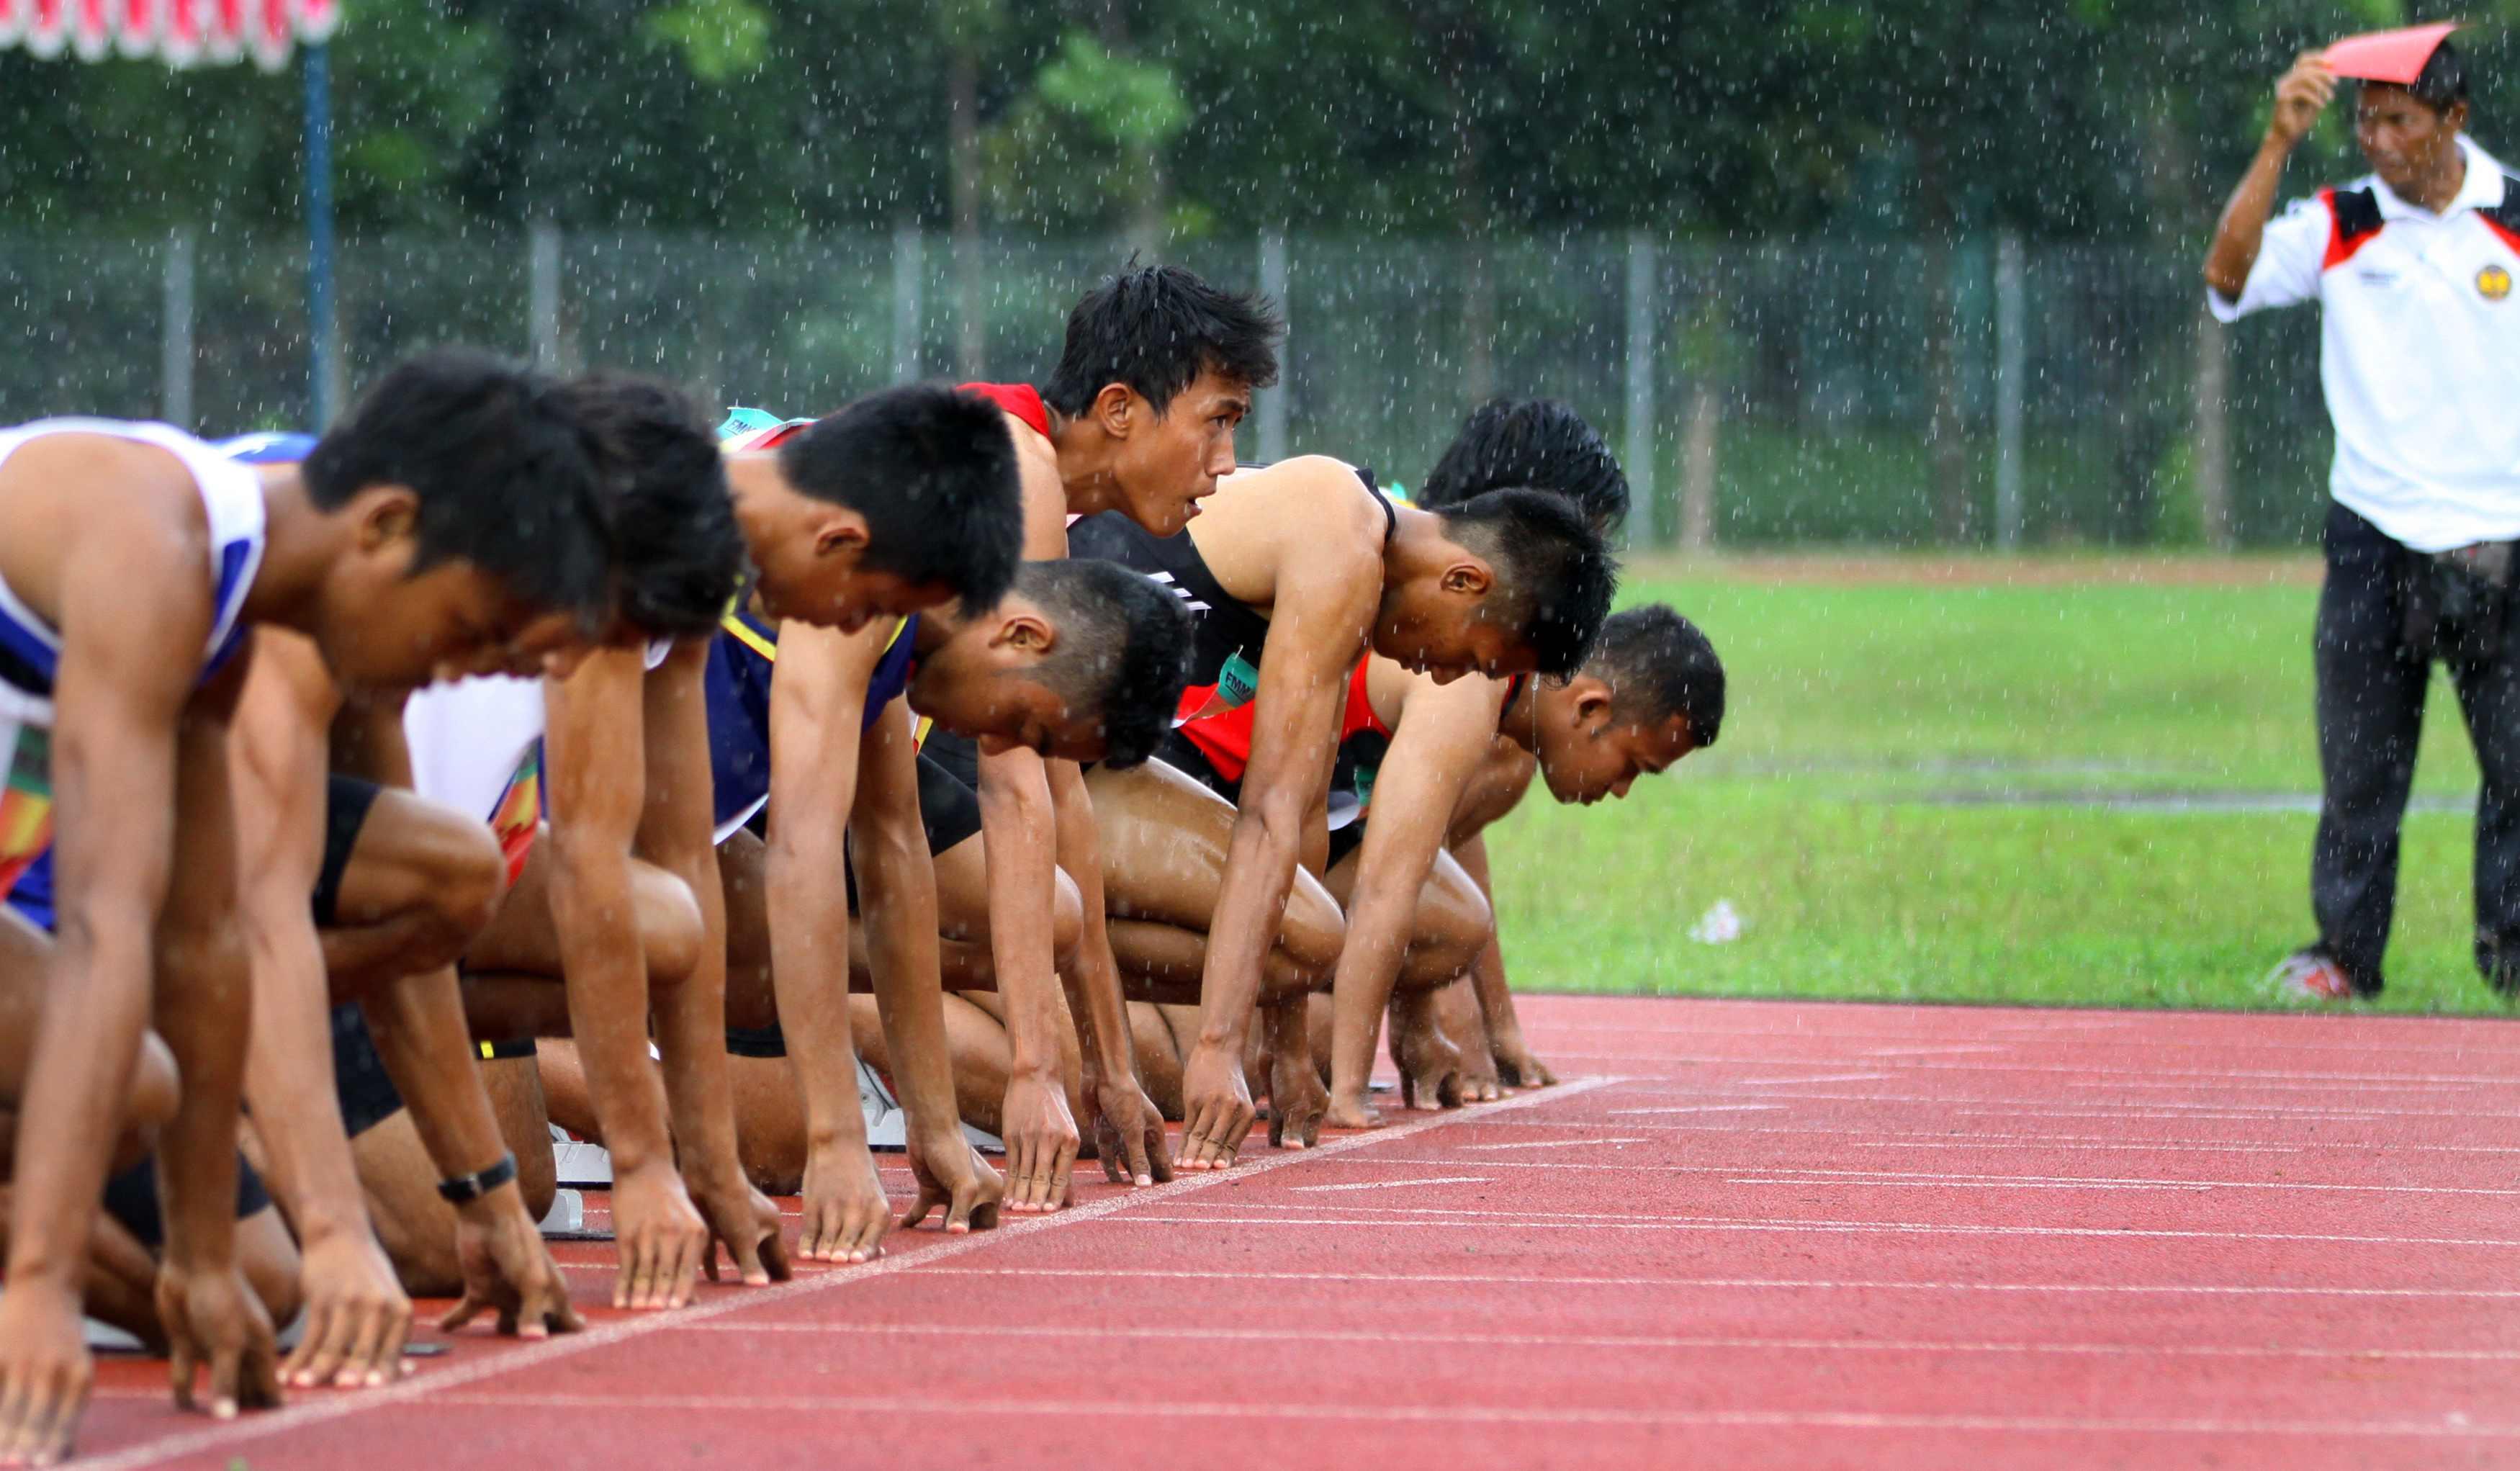 Meski Hujan, Kejurda Atletik Tetap Berlangsung